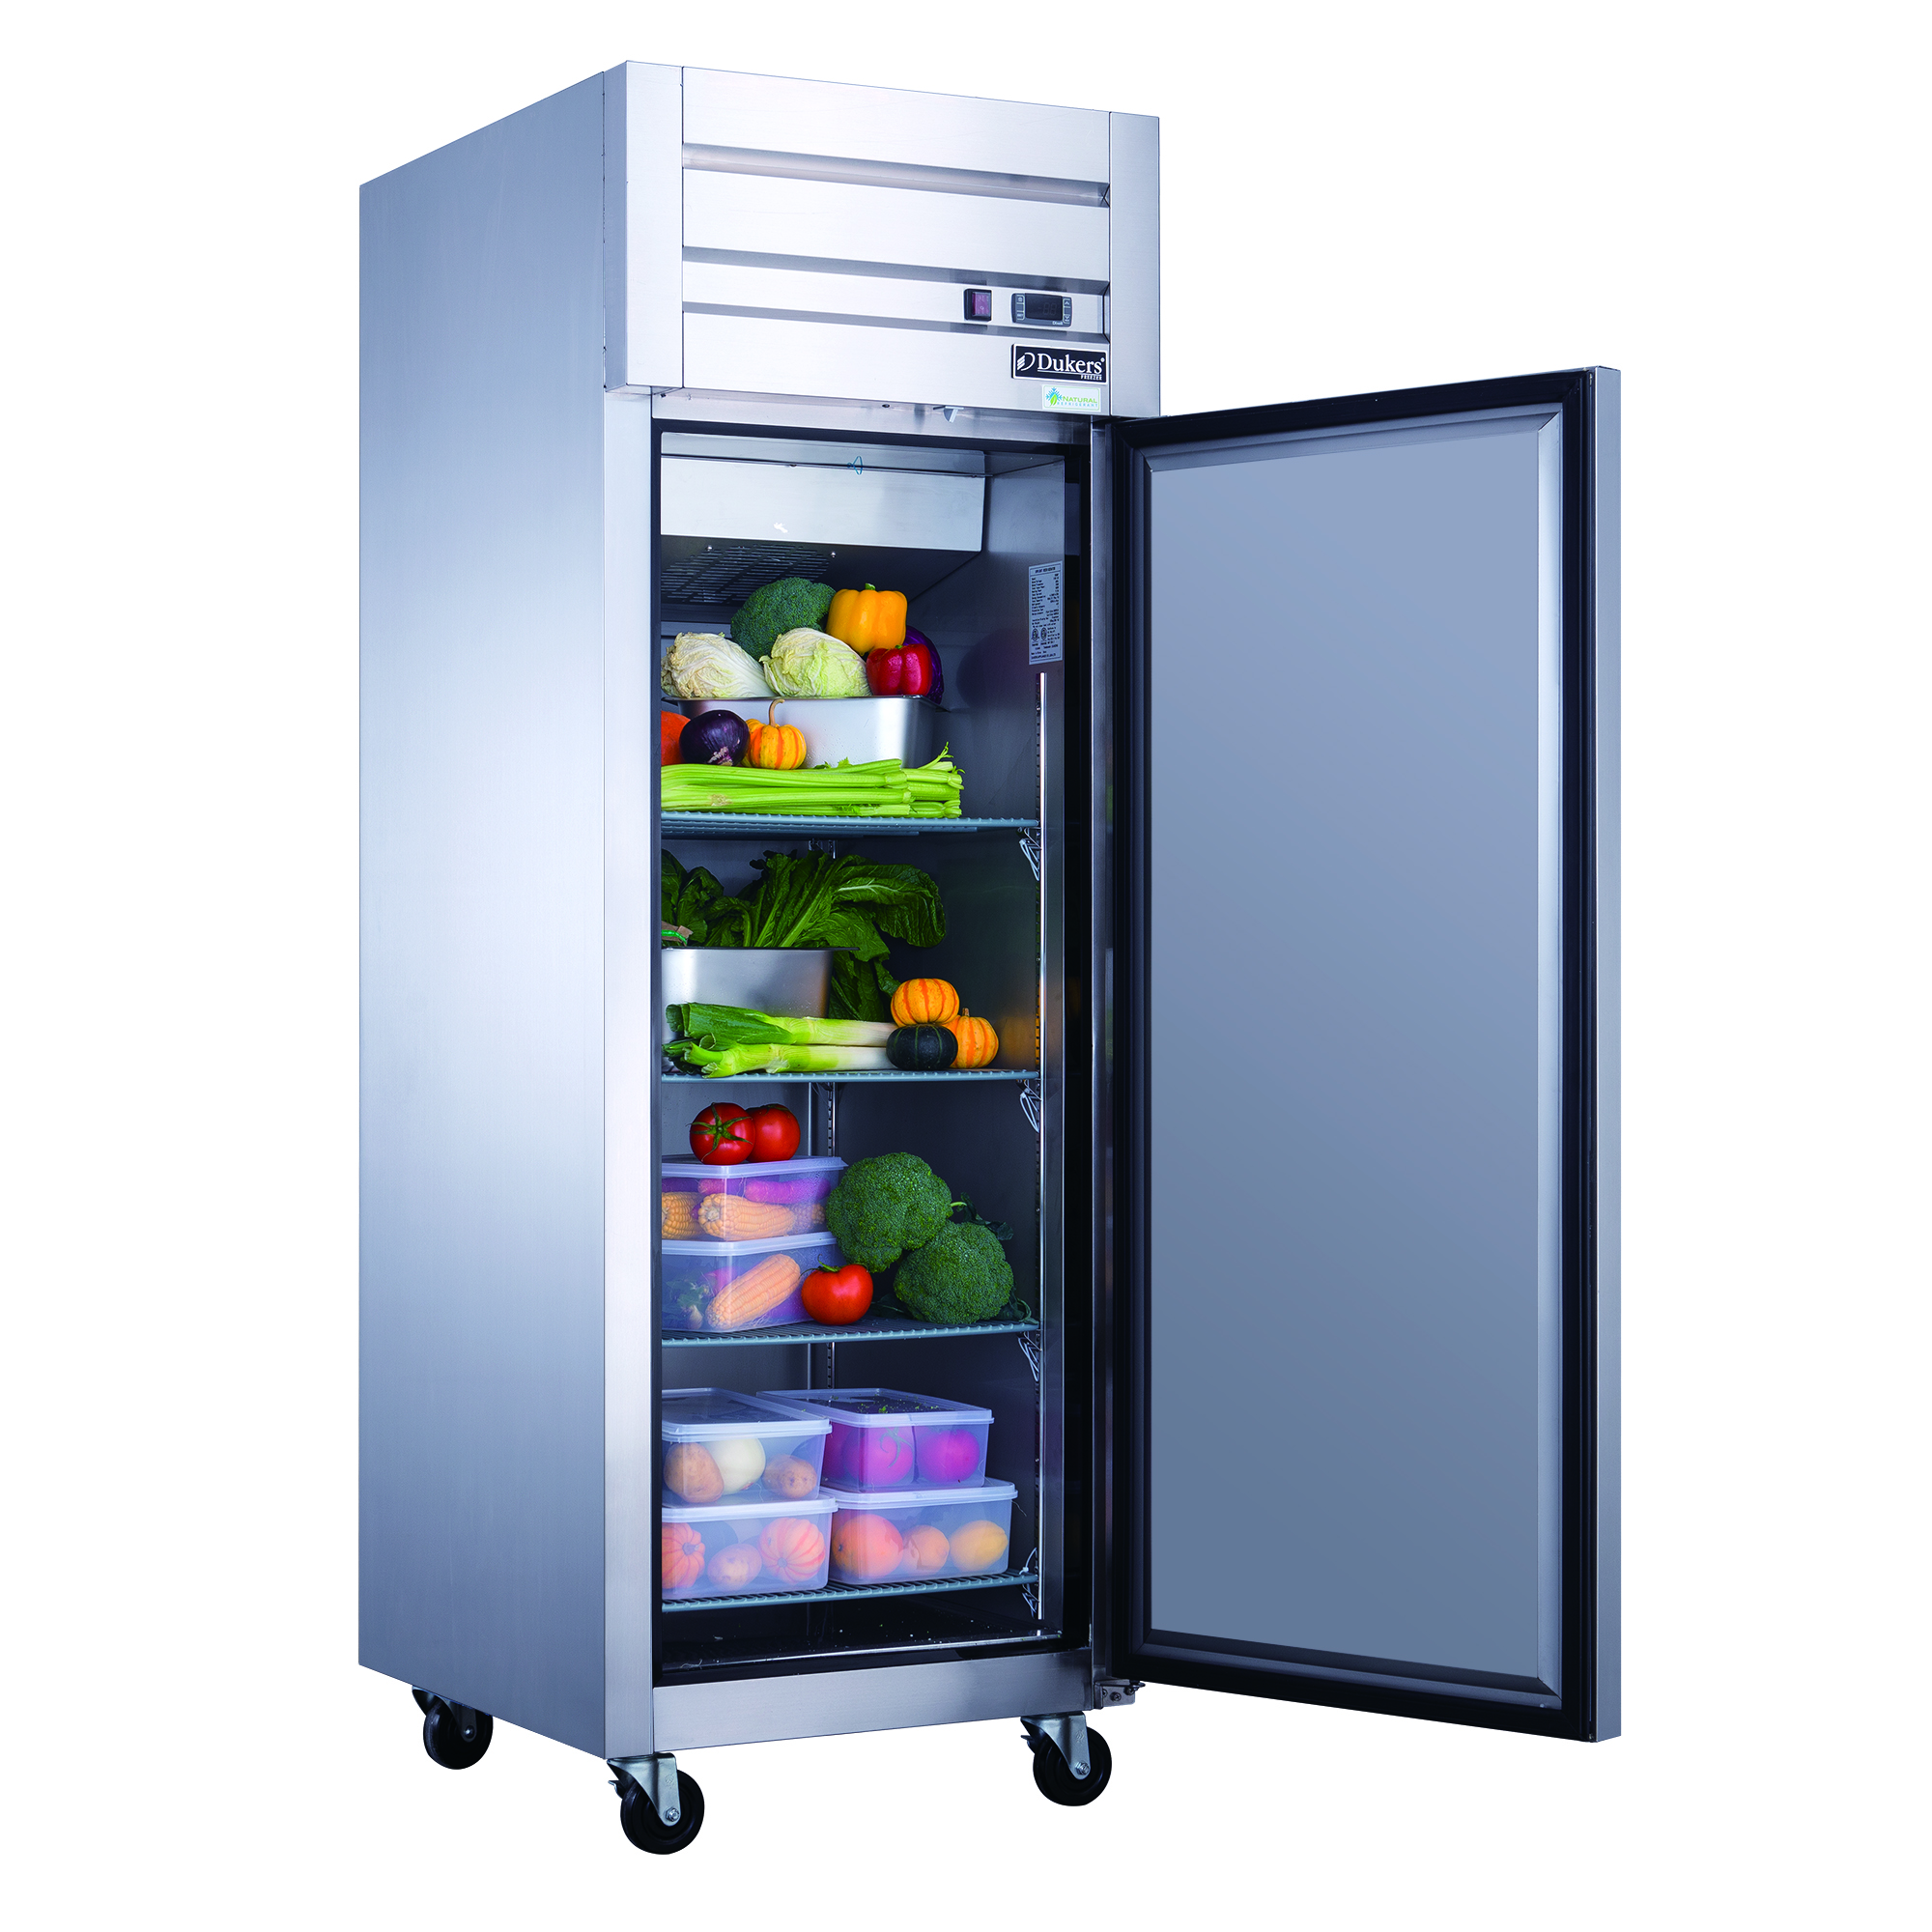 Dukers D83AR 3-Door Commercial Refrigerator Top Mount in Stainless Steel